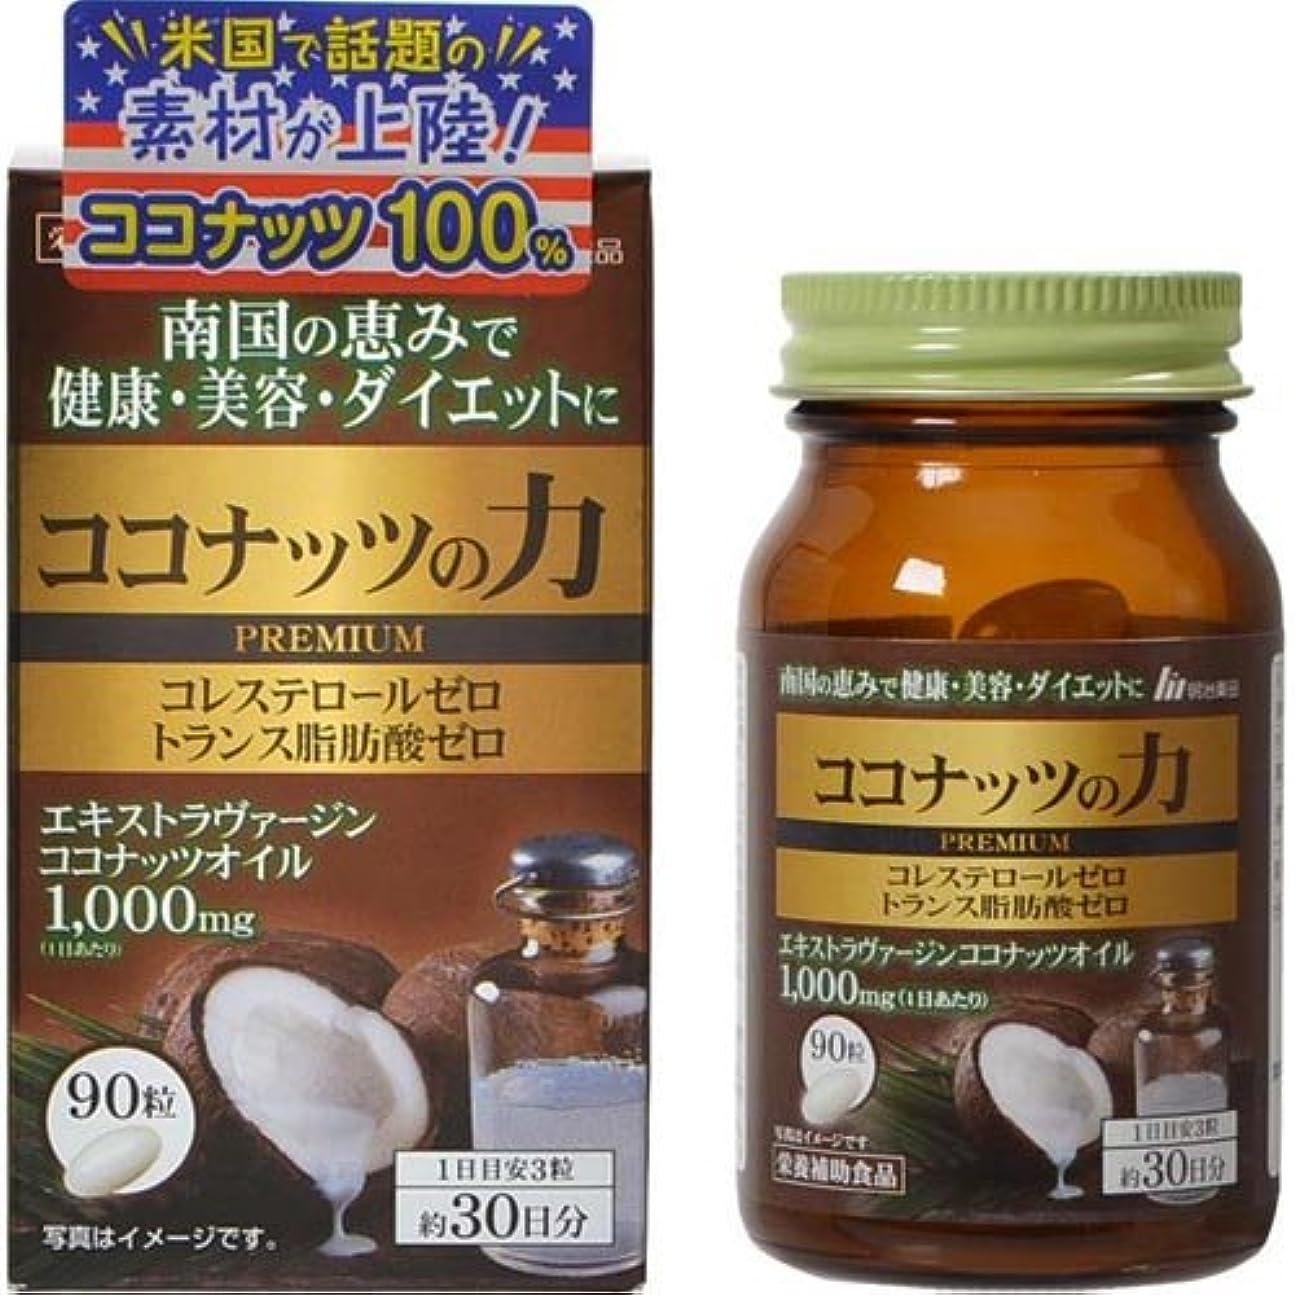 ラジカルのぞき見一元化する明治薬品 ココナッツの力 90粒